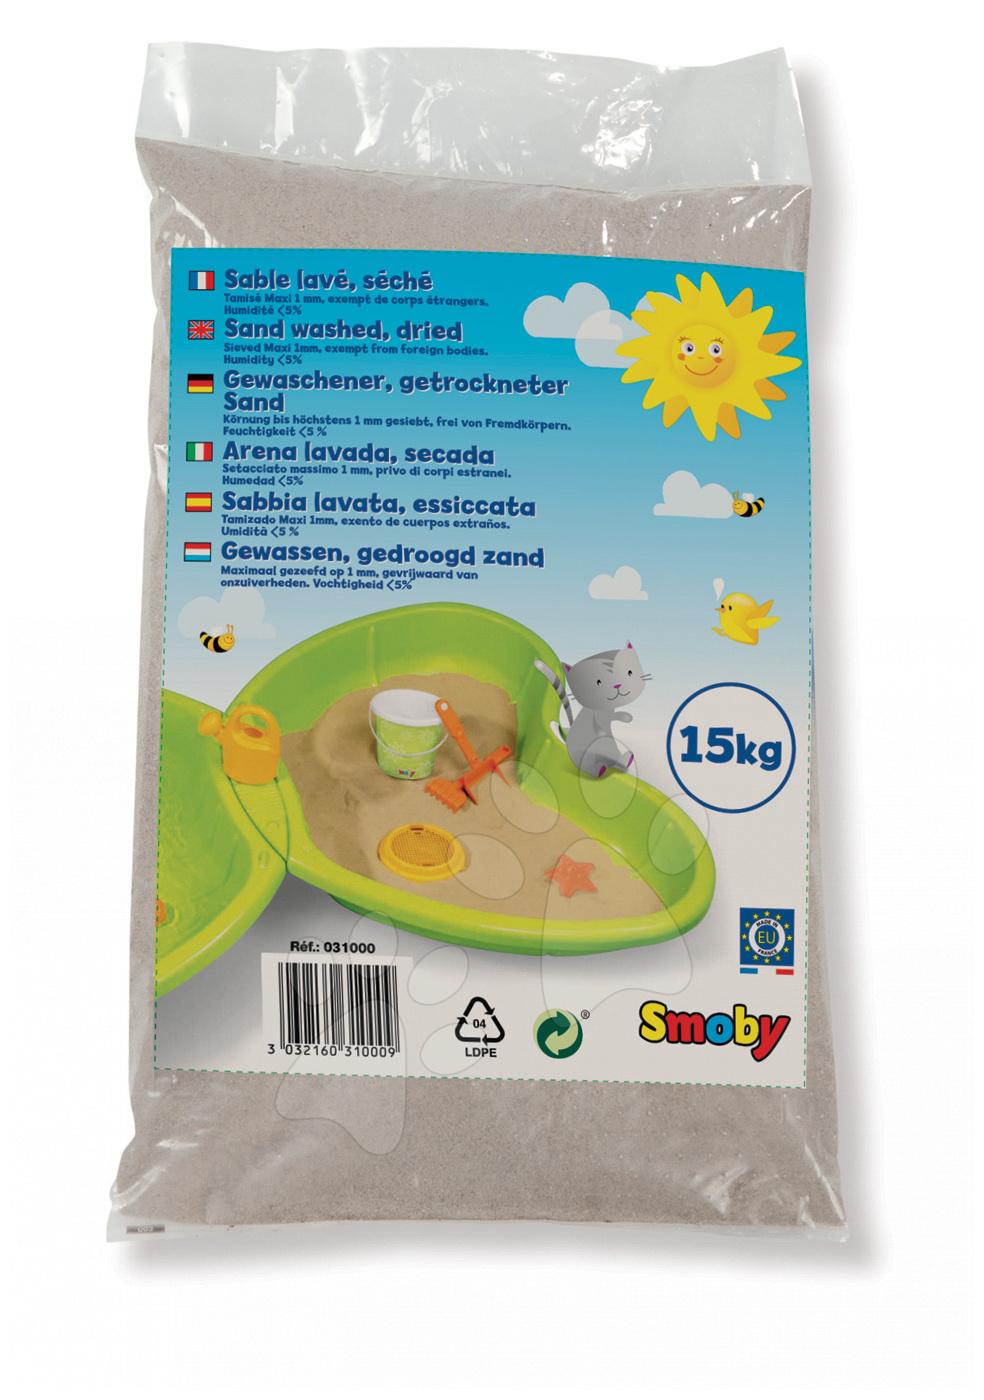 Higienski pesek Smoby za peskovnike 15 kg od 24 mes